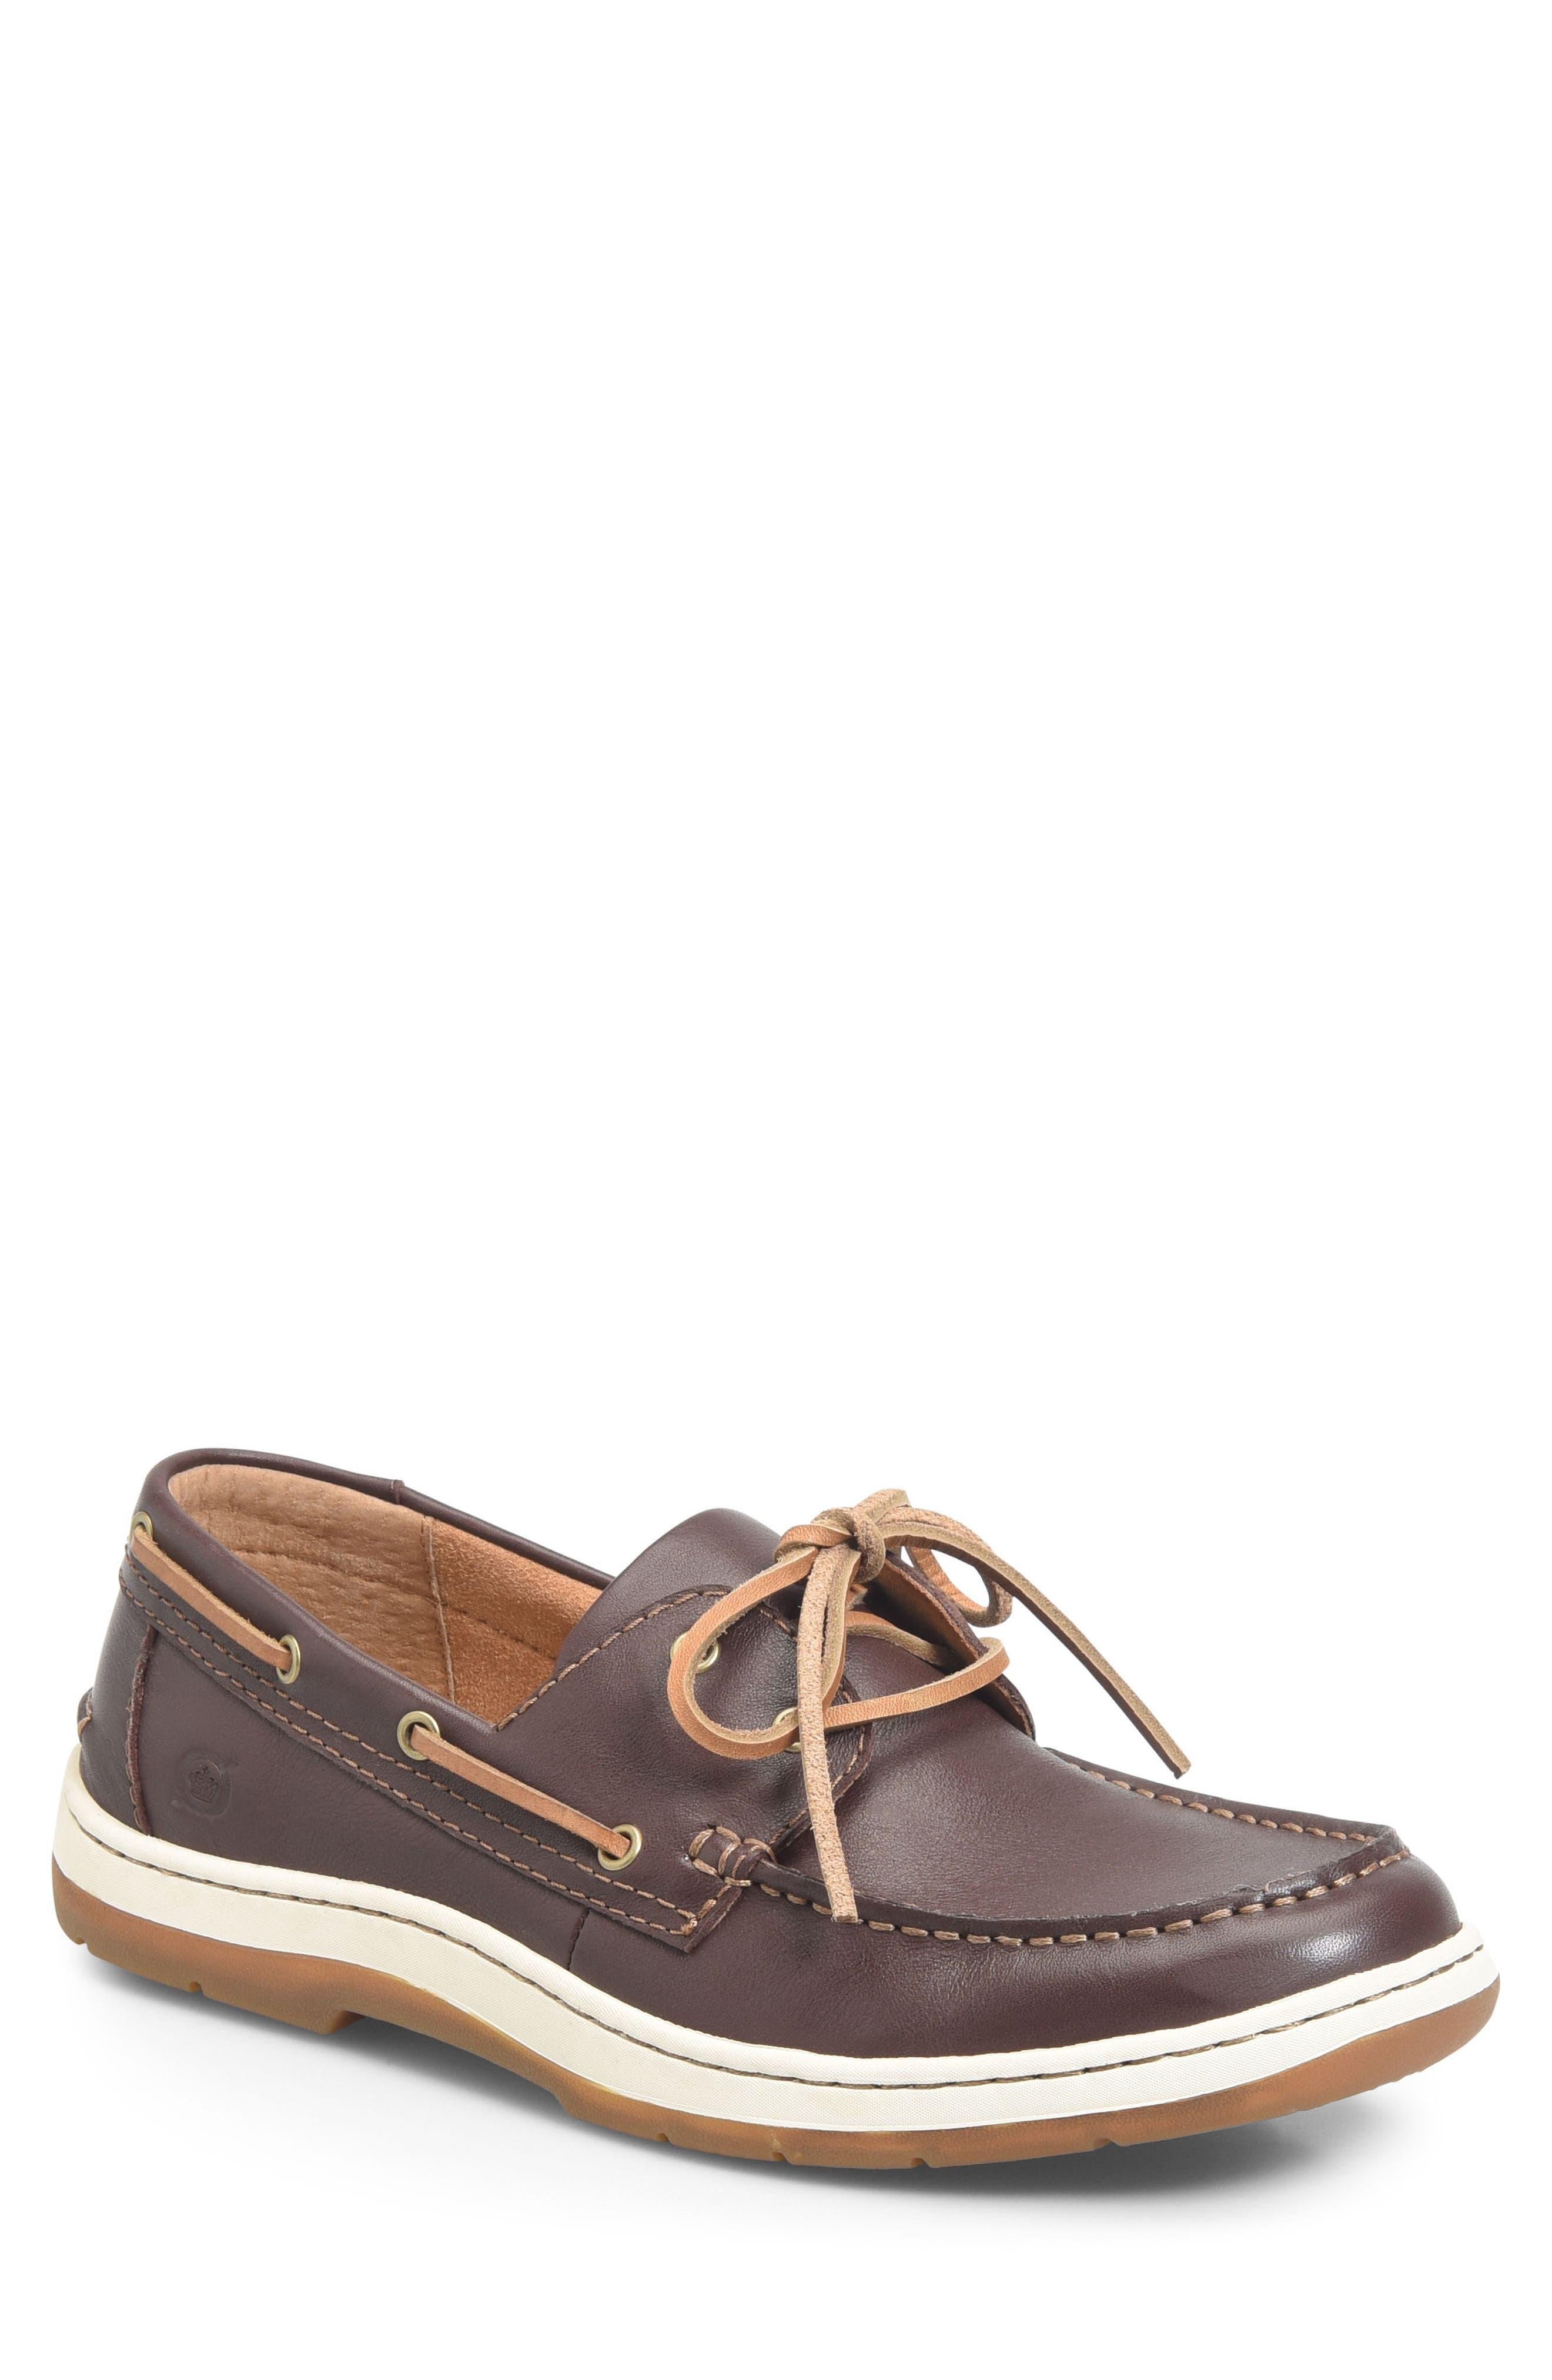 Ocean Boat Shoe,                             Main thumbnail 1, color,                             DARK BROWN LEATHER